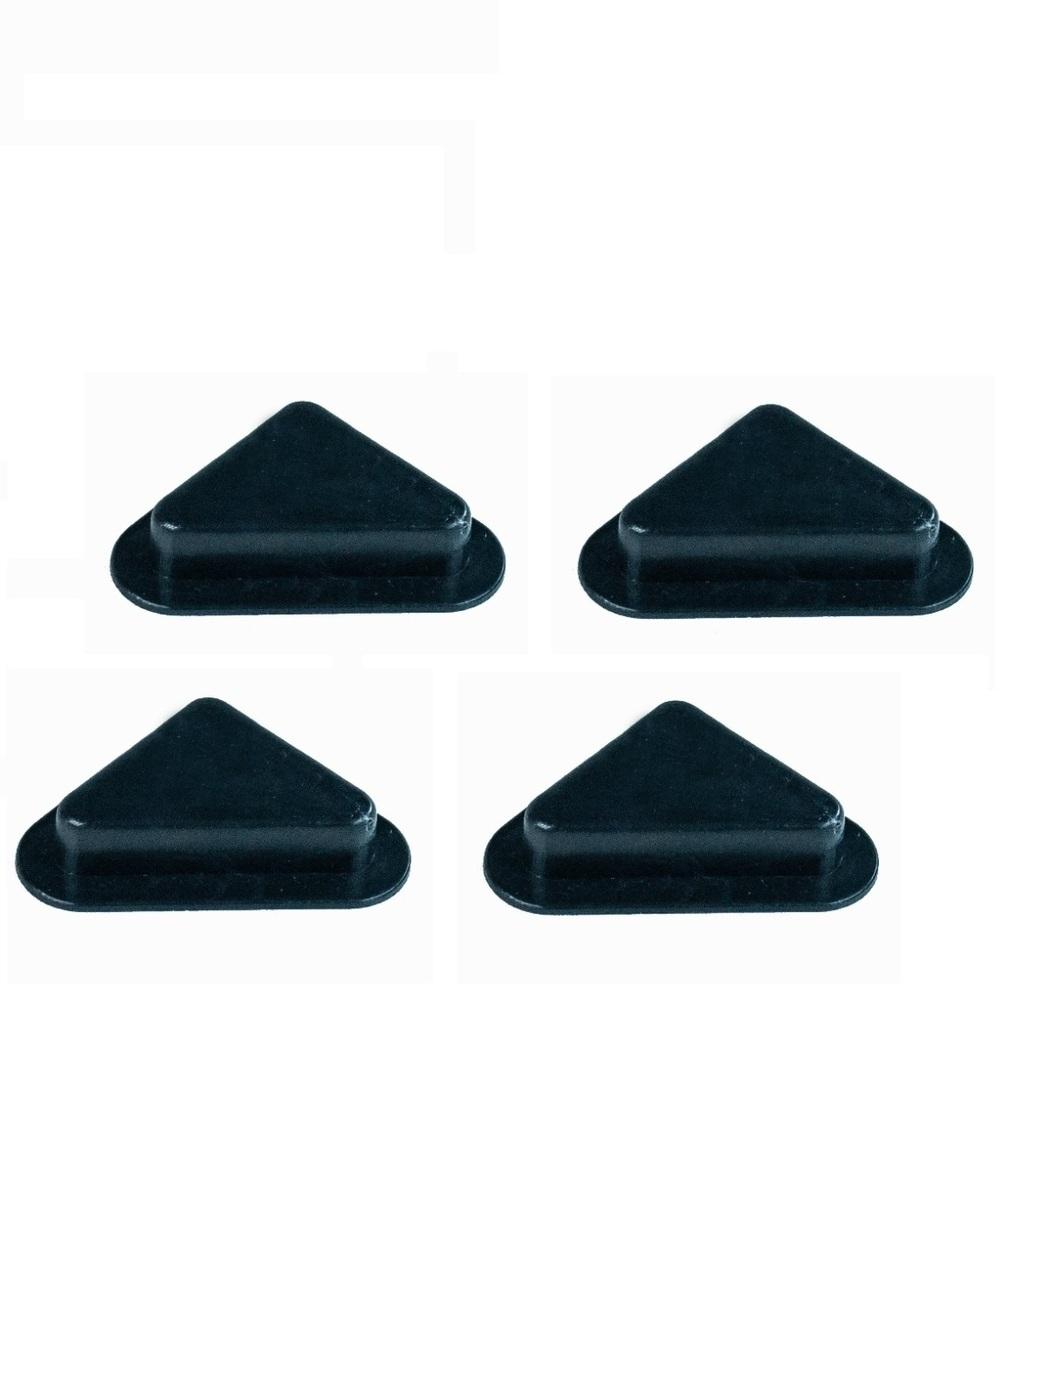 Опора/ножка мебельная треугольная пластиковая, высота 25 мм., комплект 4 шт.